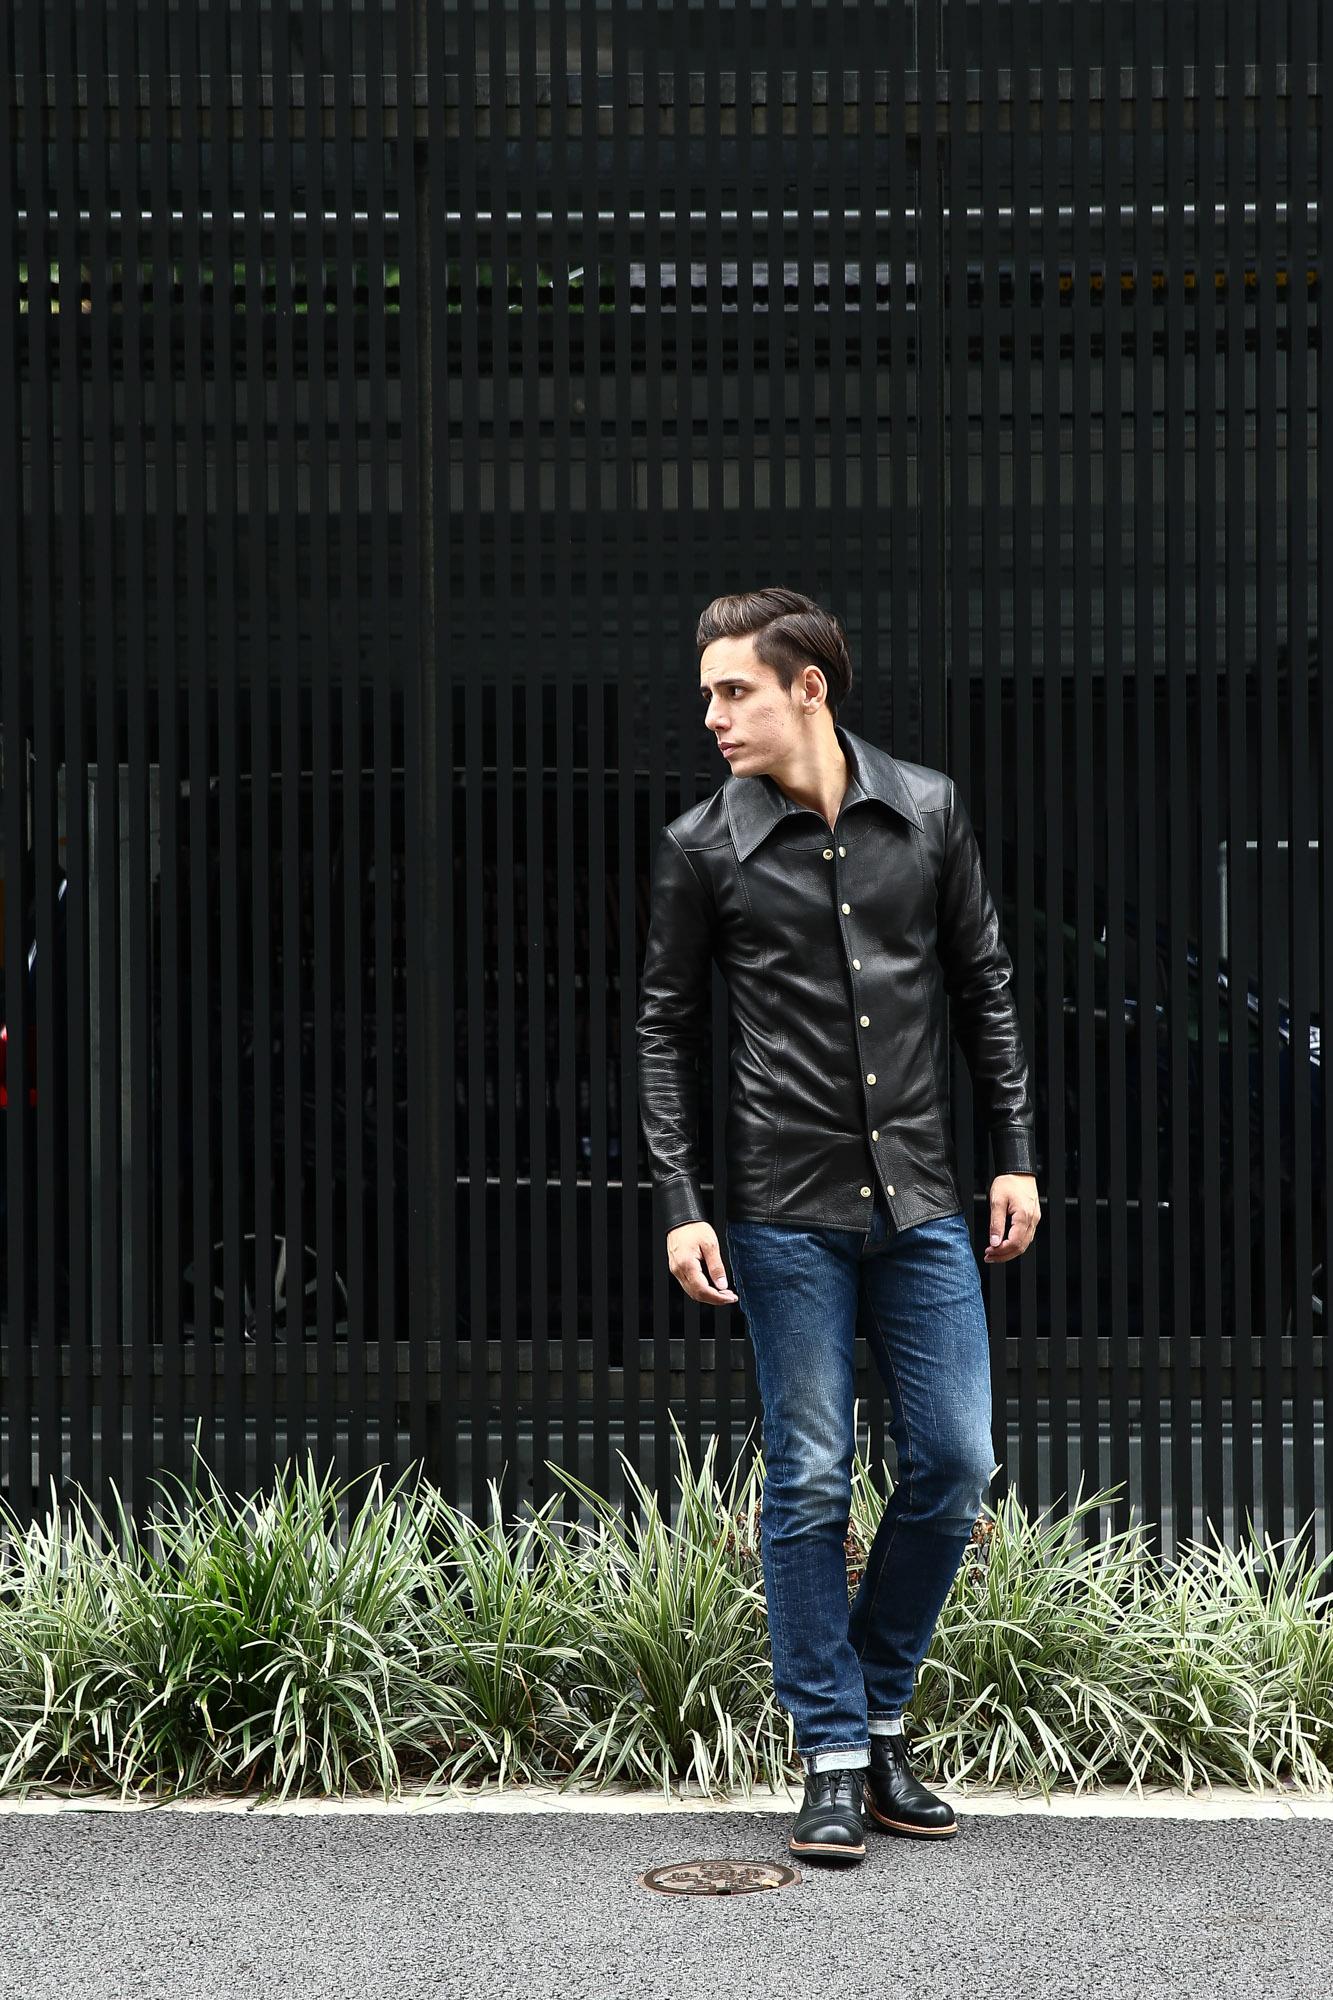 JULIANBOOTS ジュリアンブーツ BOWERY BOOTS バワリーブーツ WACTH MAKER ウォッチメーカー のコーディネート写真。South Paradiso Leather(サウスパラディソレザー) East West(イーストウエスト) ILLUMINATI RAINBOW SHIRTS(イルミナティレインボーシャツ) レザーシャツ BLACK(ブラック) バックスタイル画像。フロント画像。